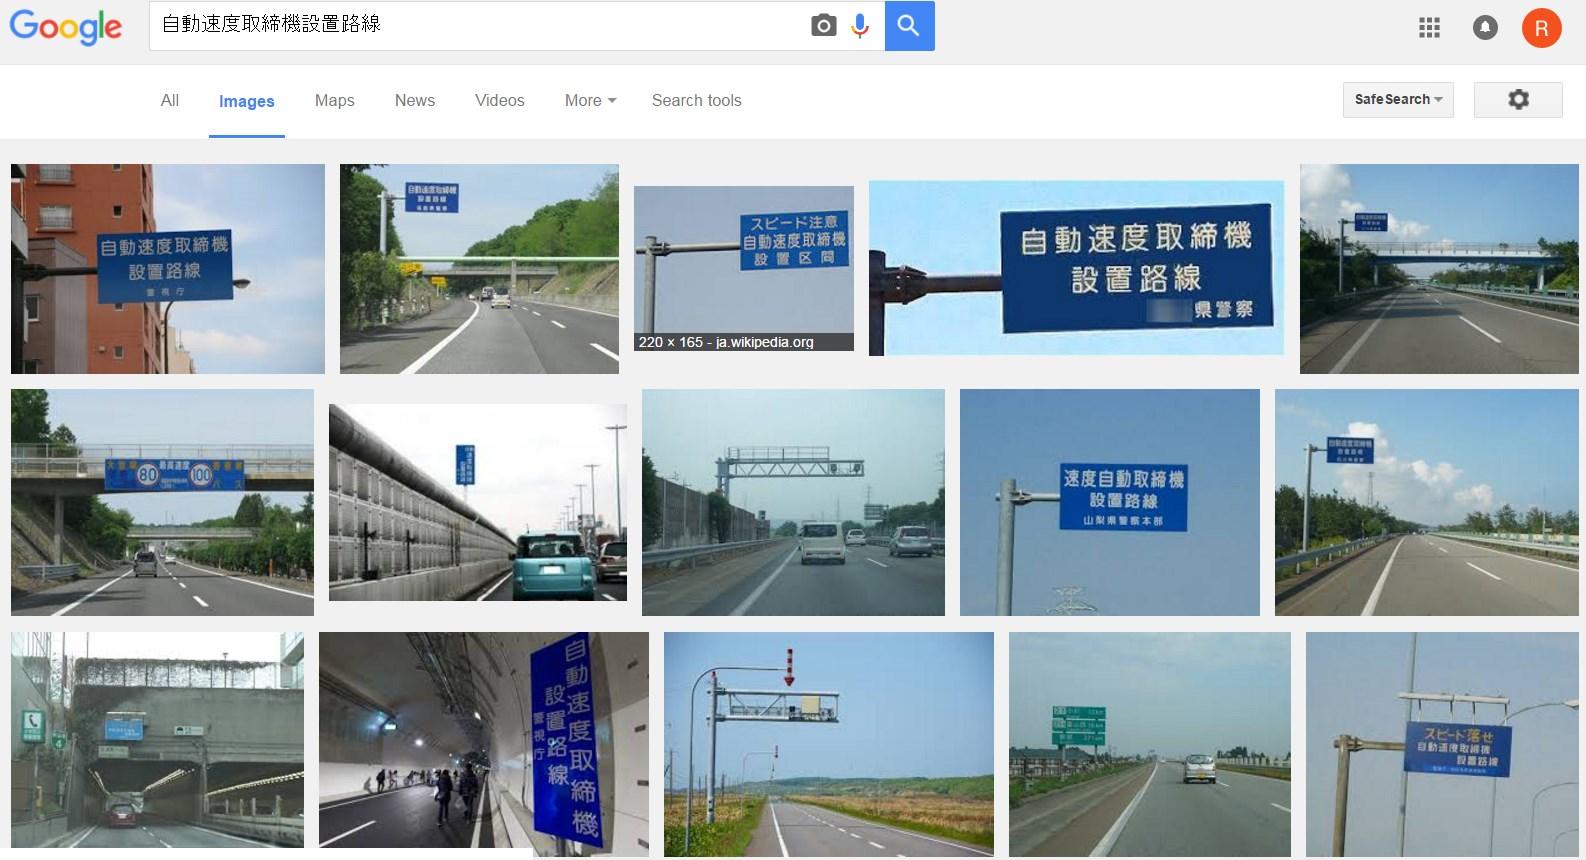 様々な「自動速度取締装置設置路線」標識(引用:https://www.google.co.jp)